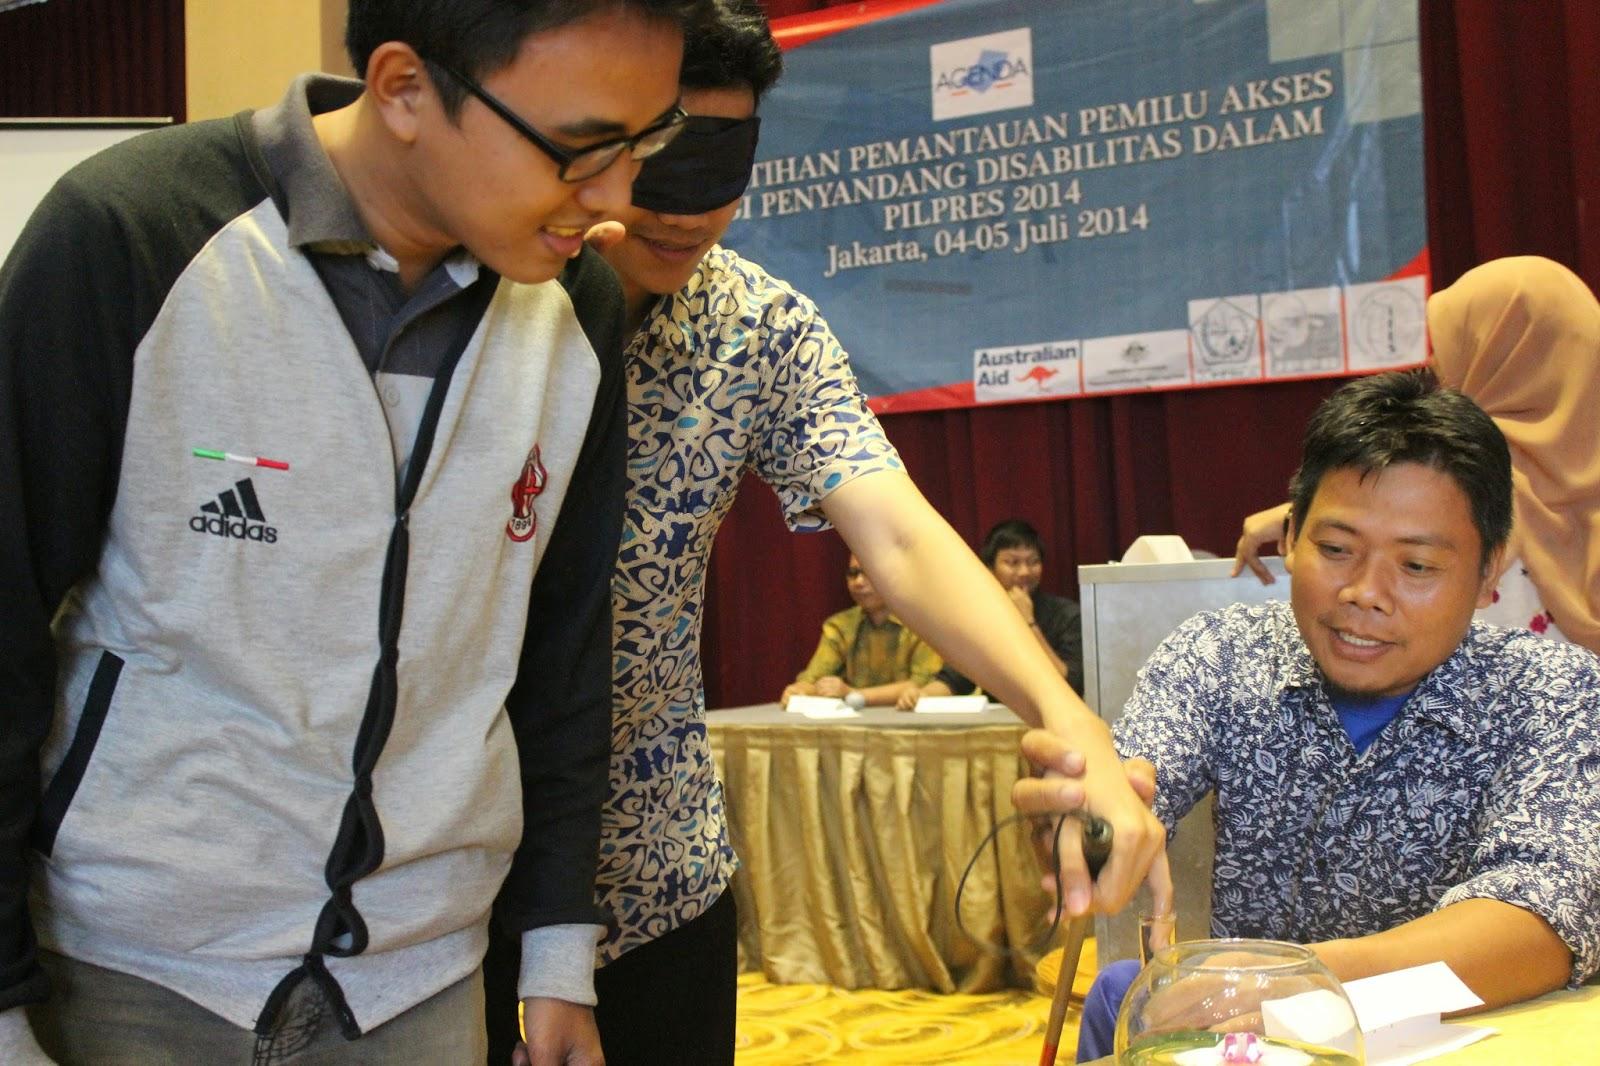 Election Simulation at Jakarta Observer Workshop on 4-5 July 2014 - 2